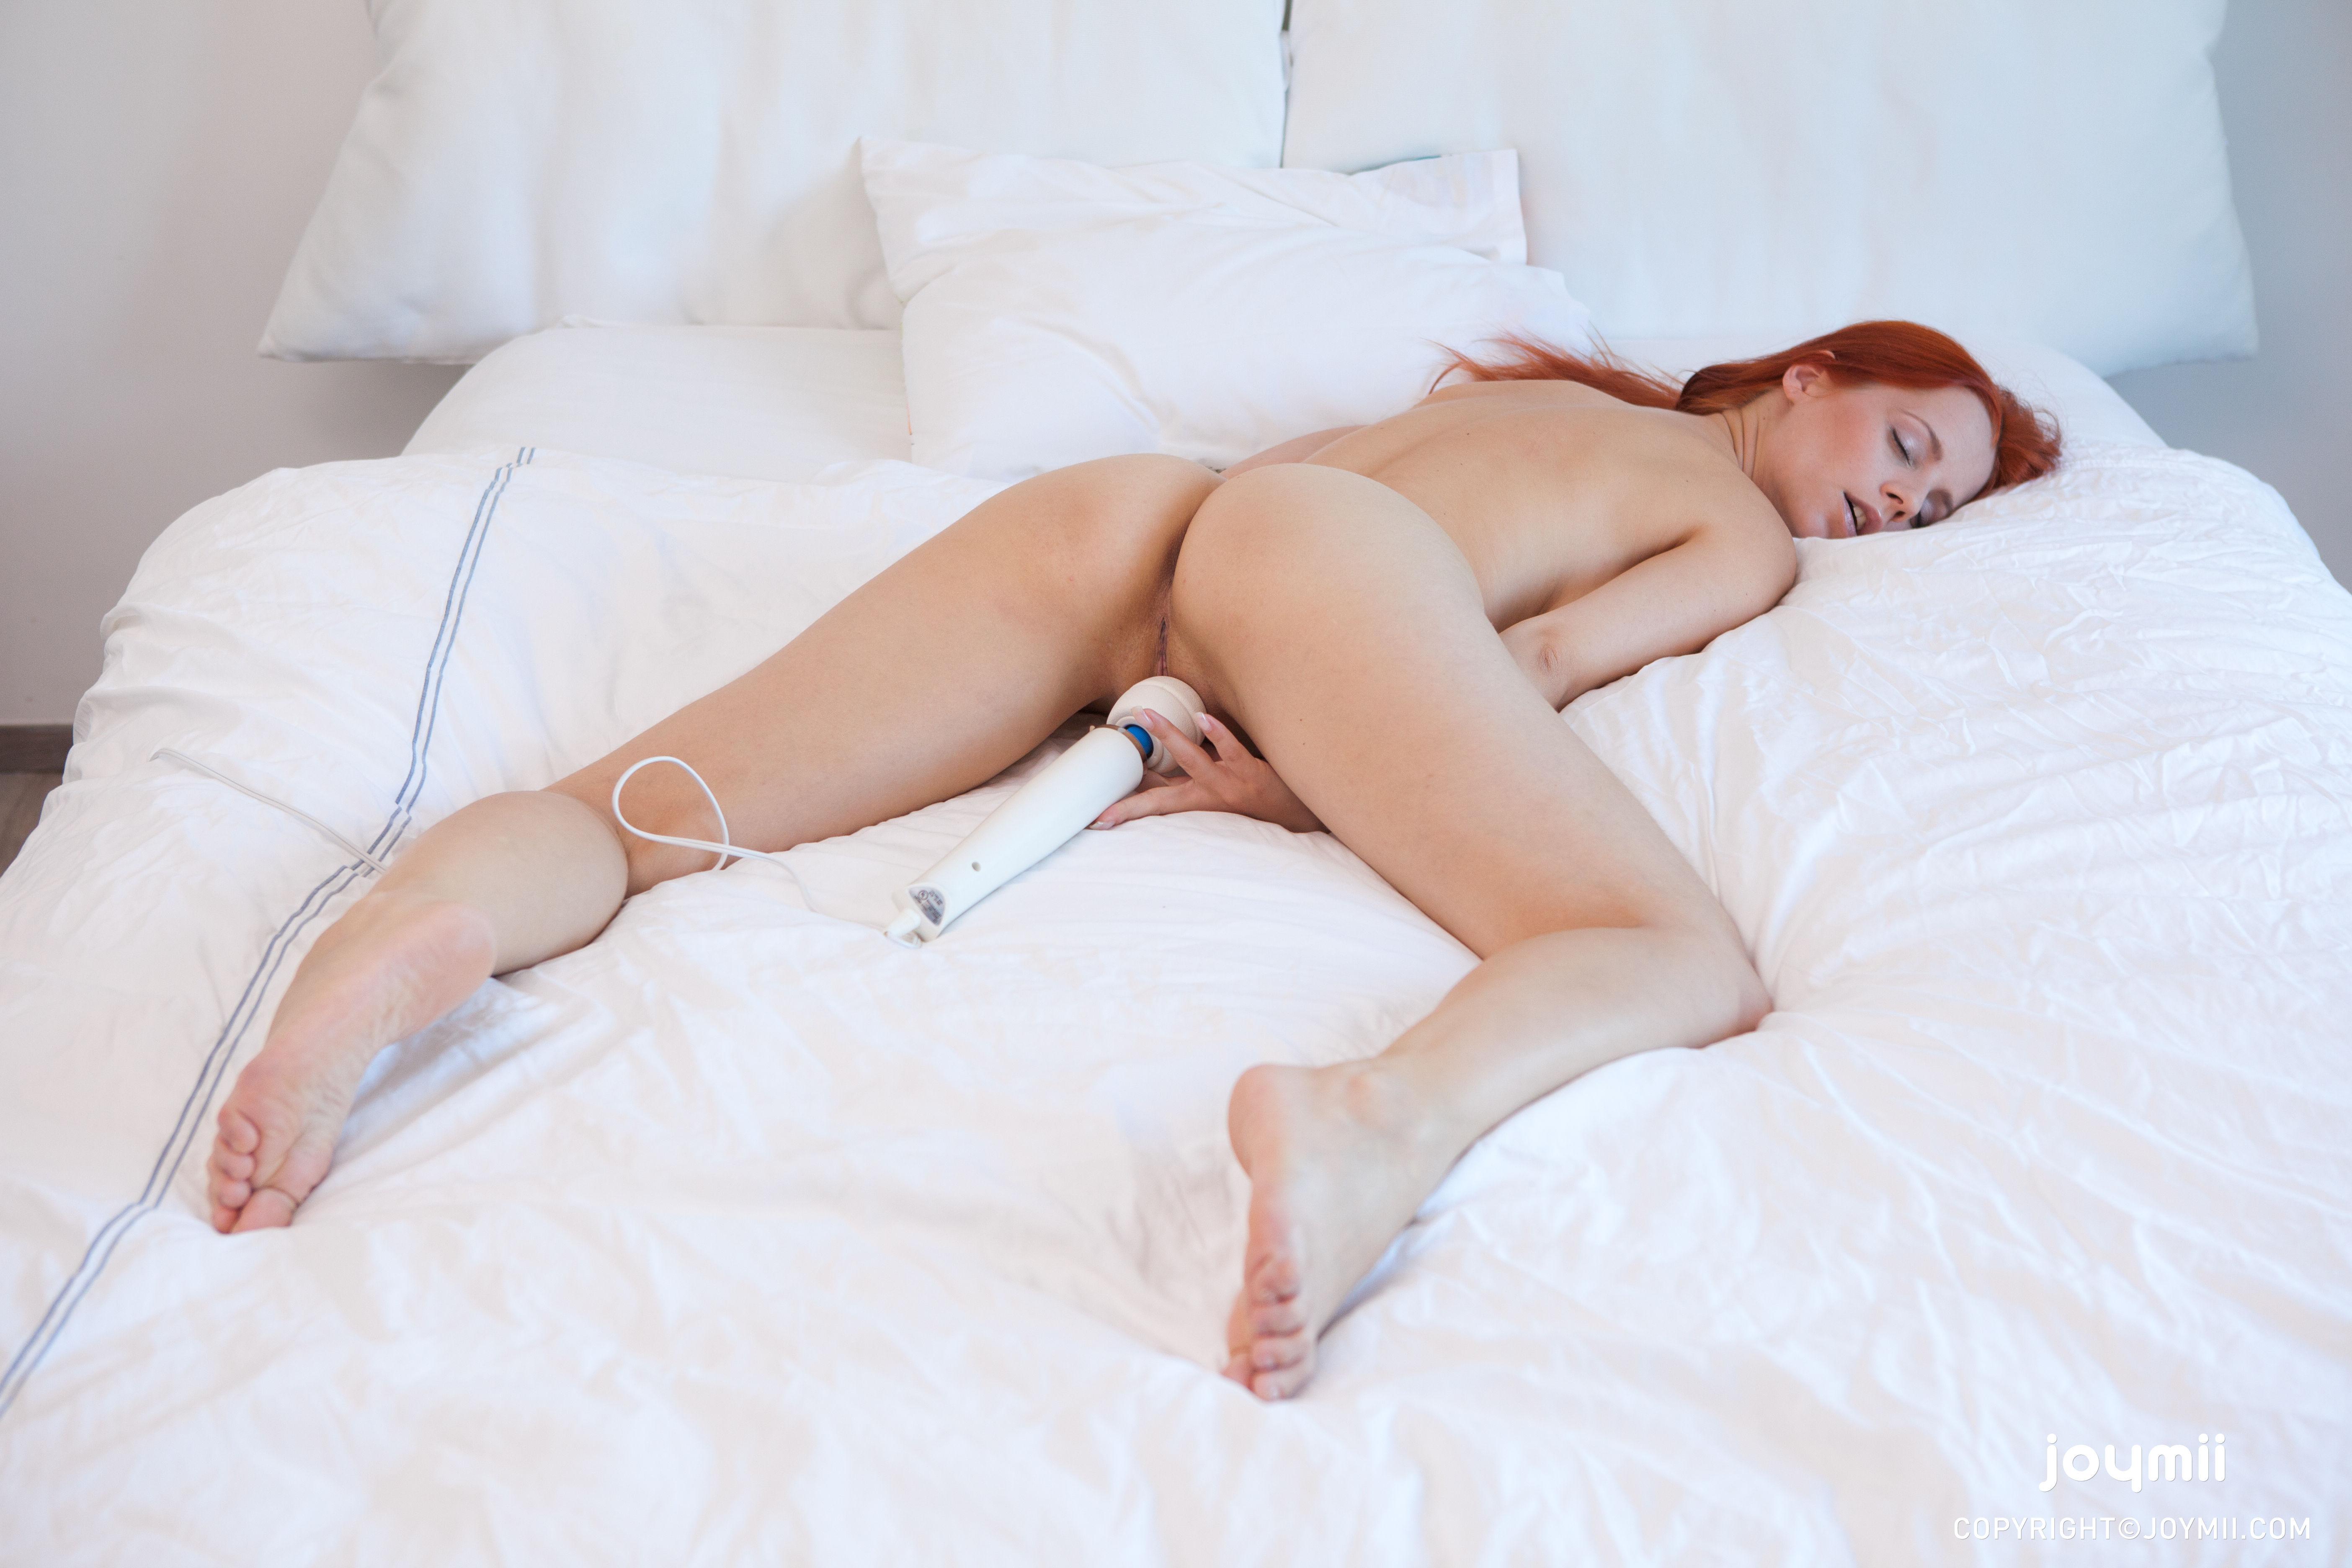 Рыжие девушки в оргазме 8 фотография